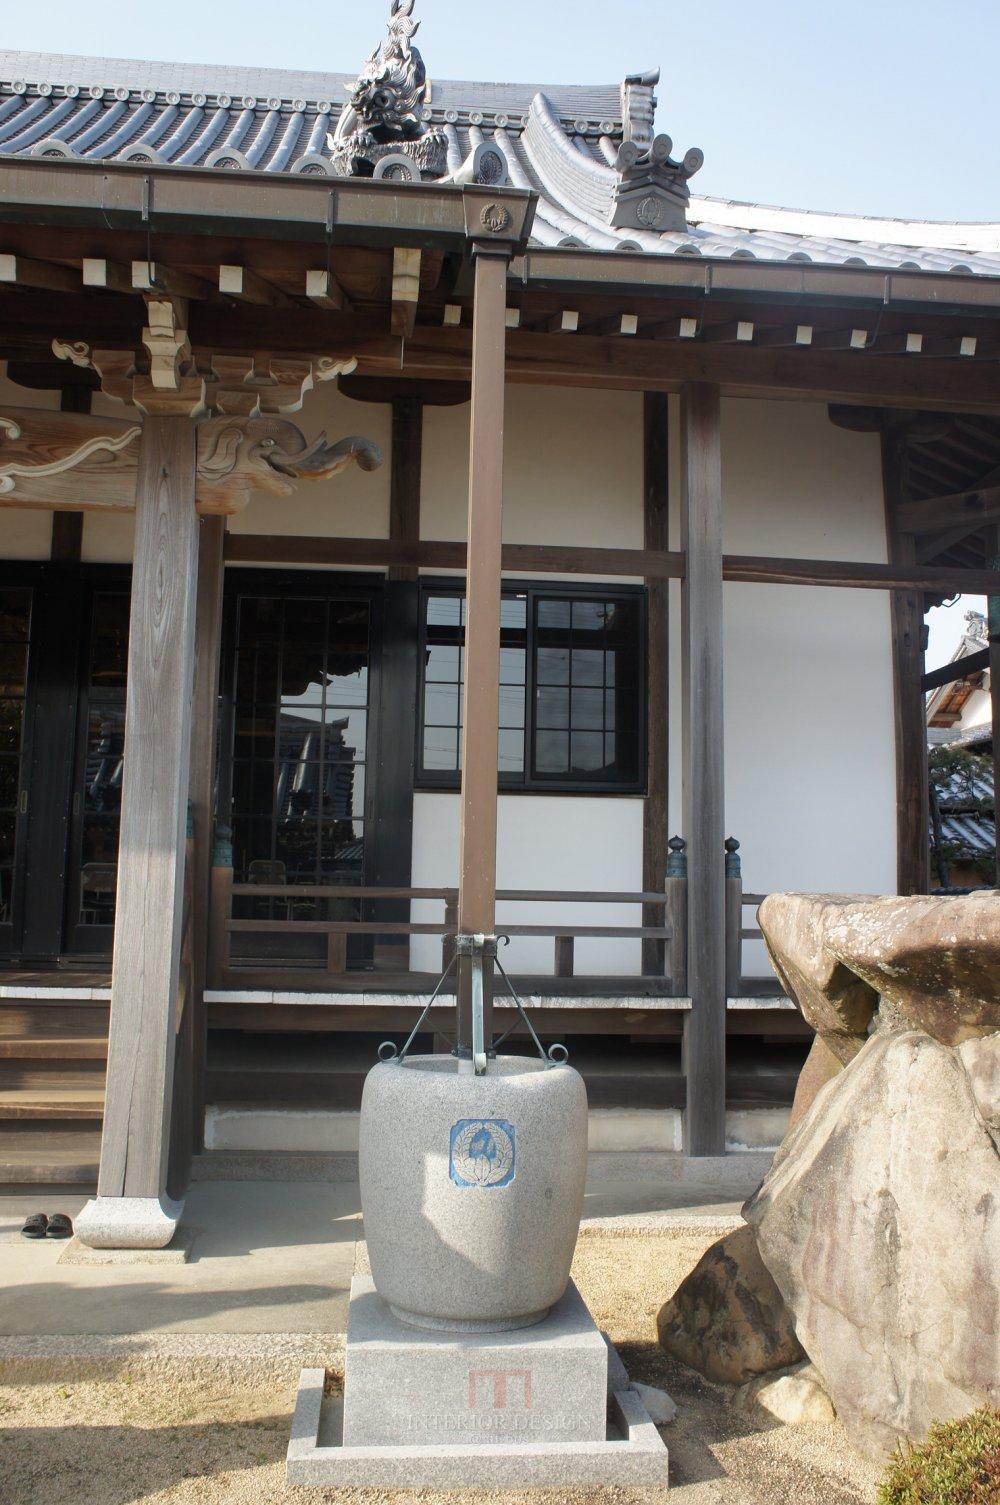 #伙伴一起看日本#  日本设计考察分享(更新美秀美术馆)_DSC05890.JPG